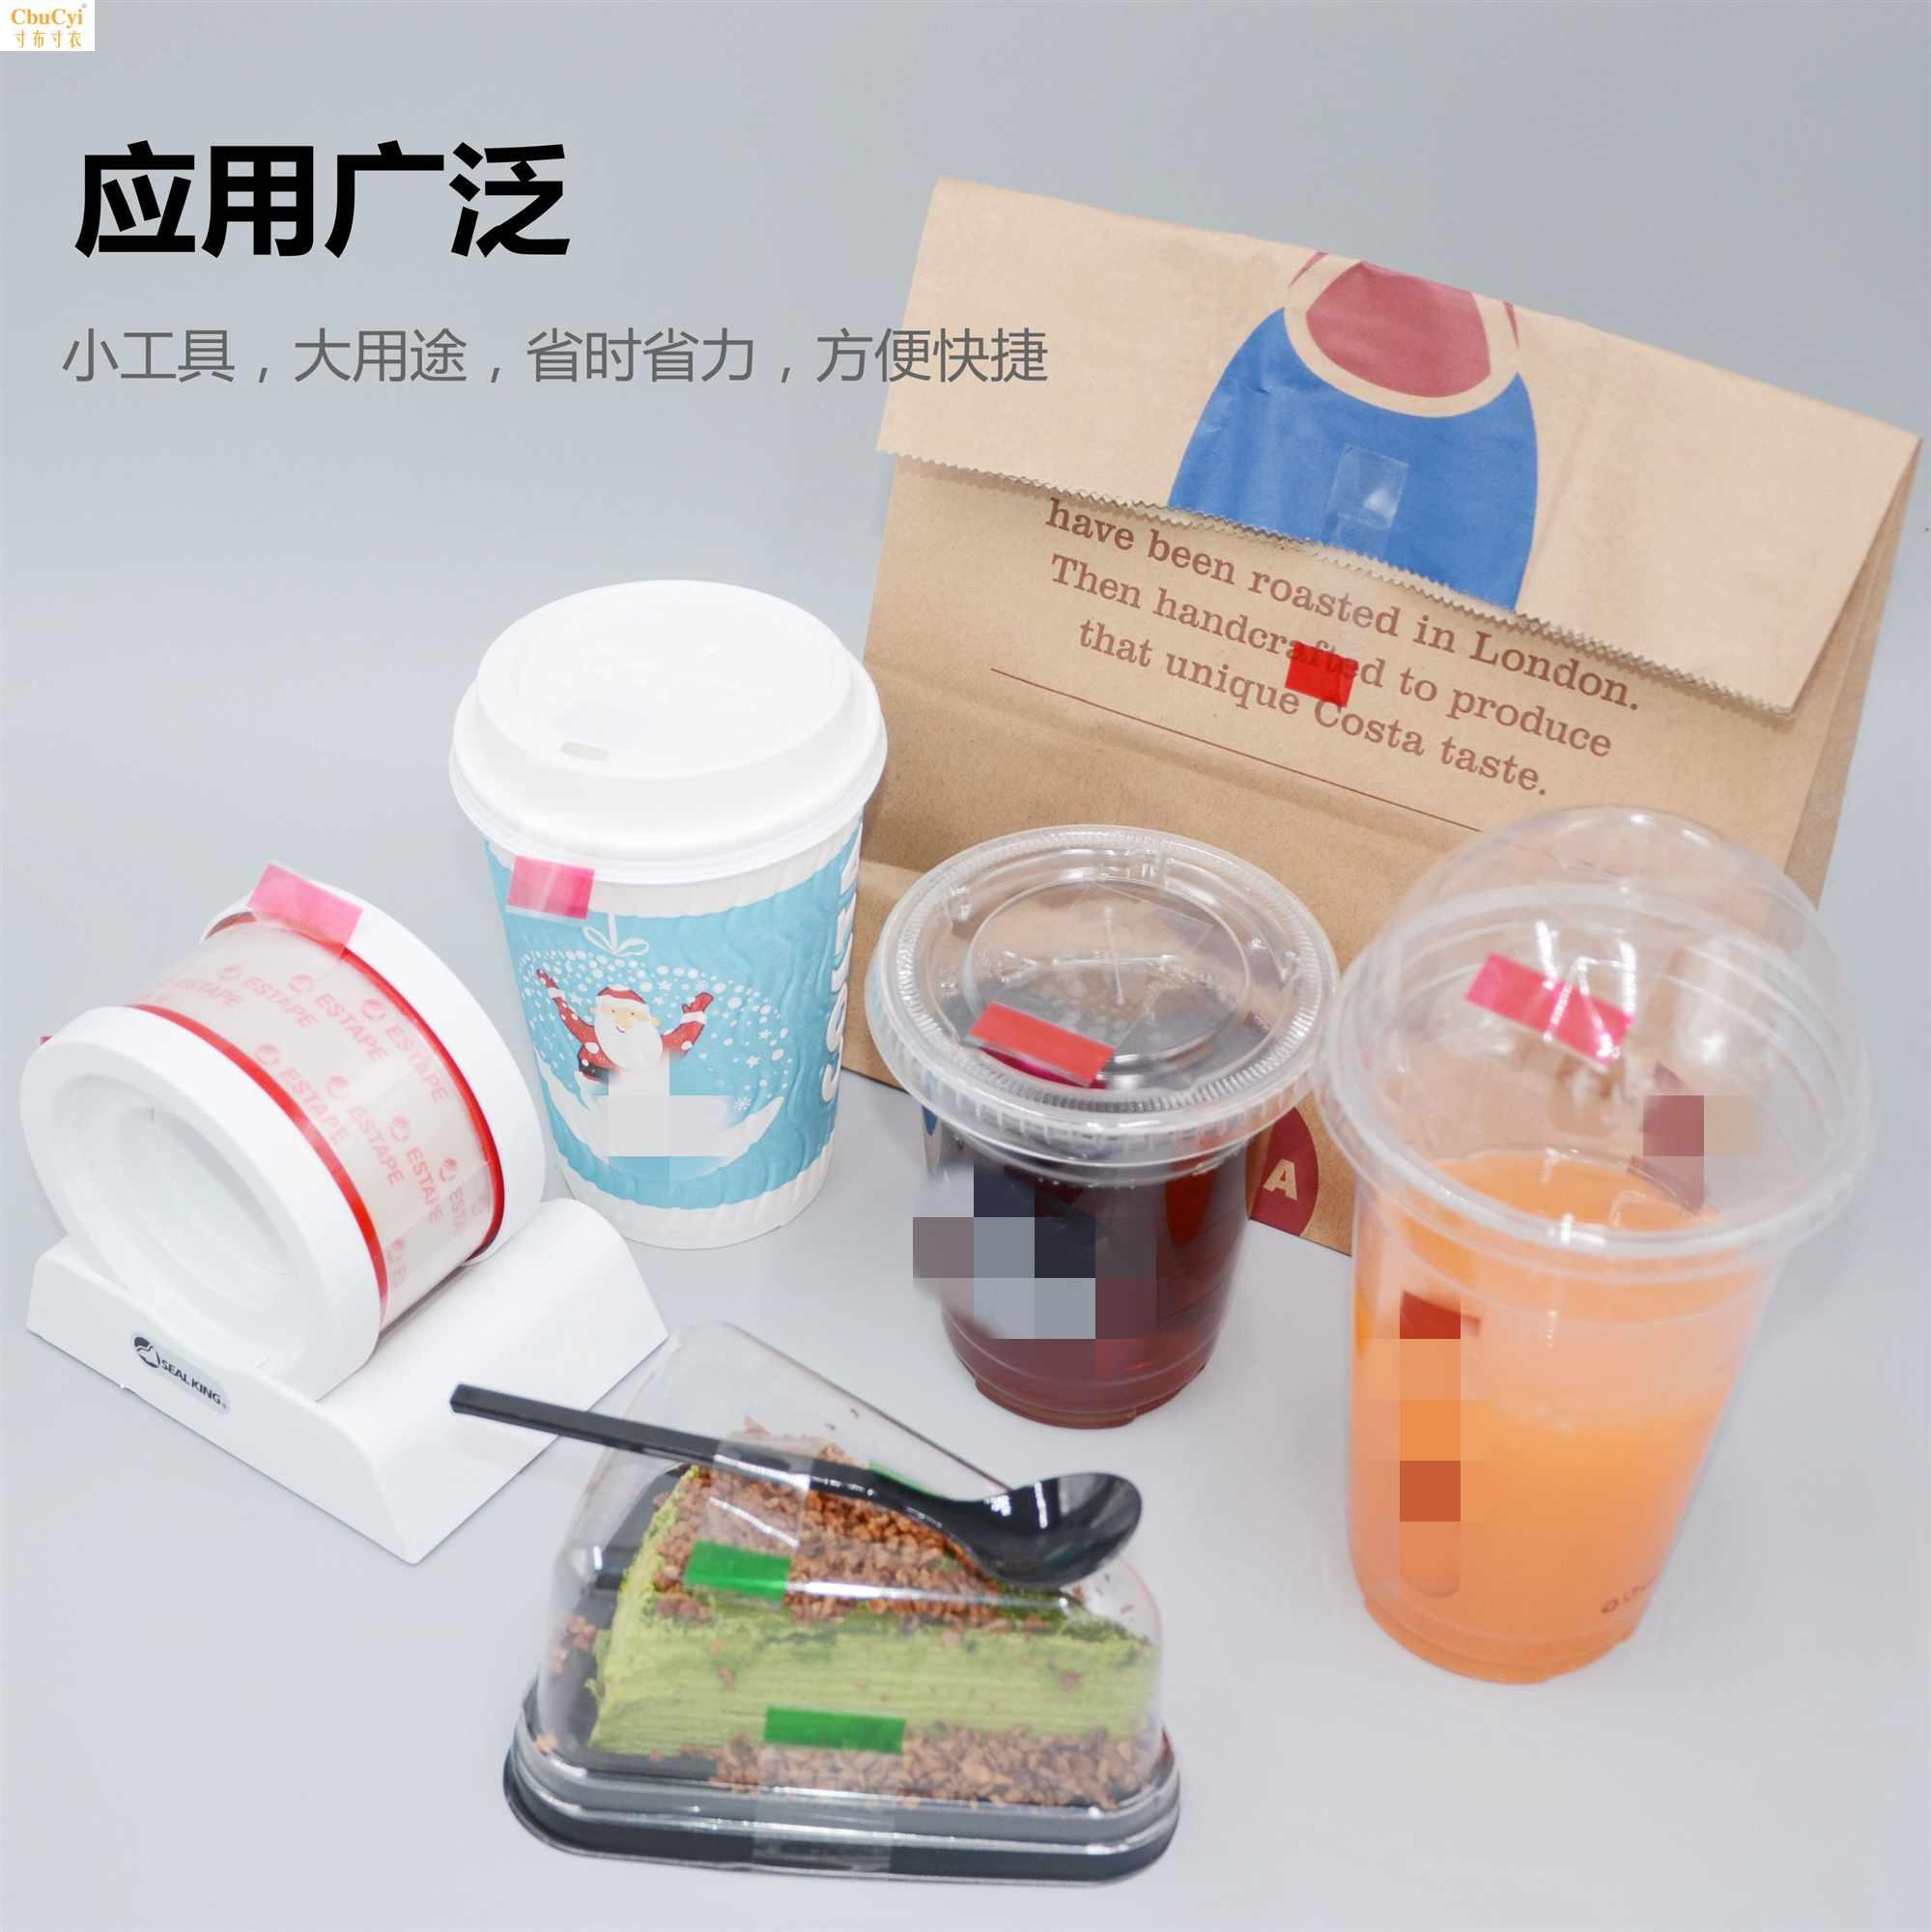 ESTAPE易撕贴底座胶带咖啡杯奶茶封口贴底座饮料可乐杯封口